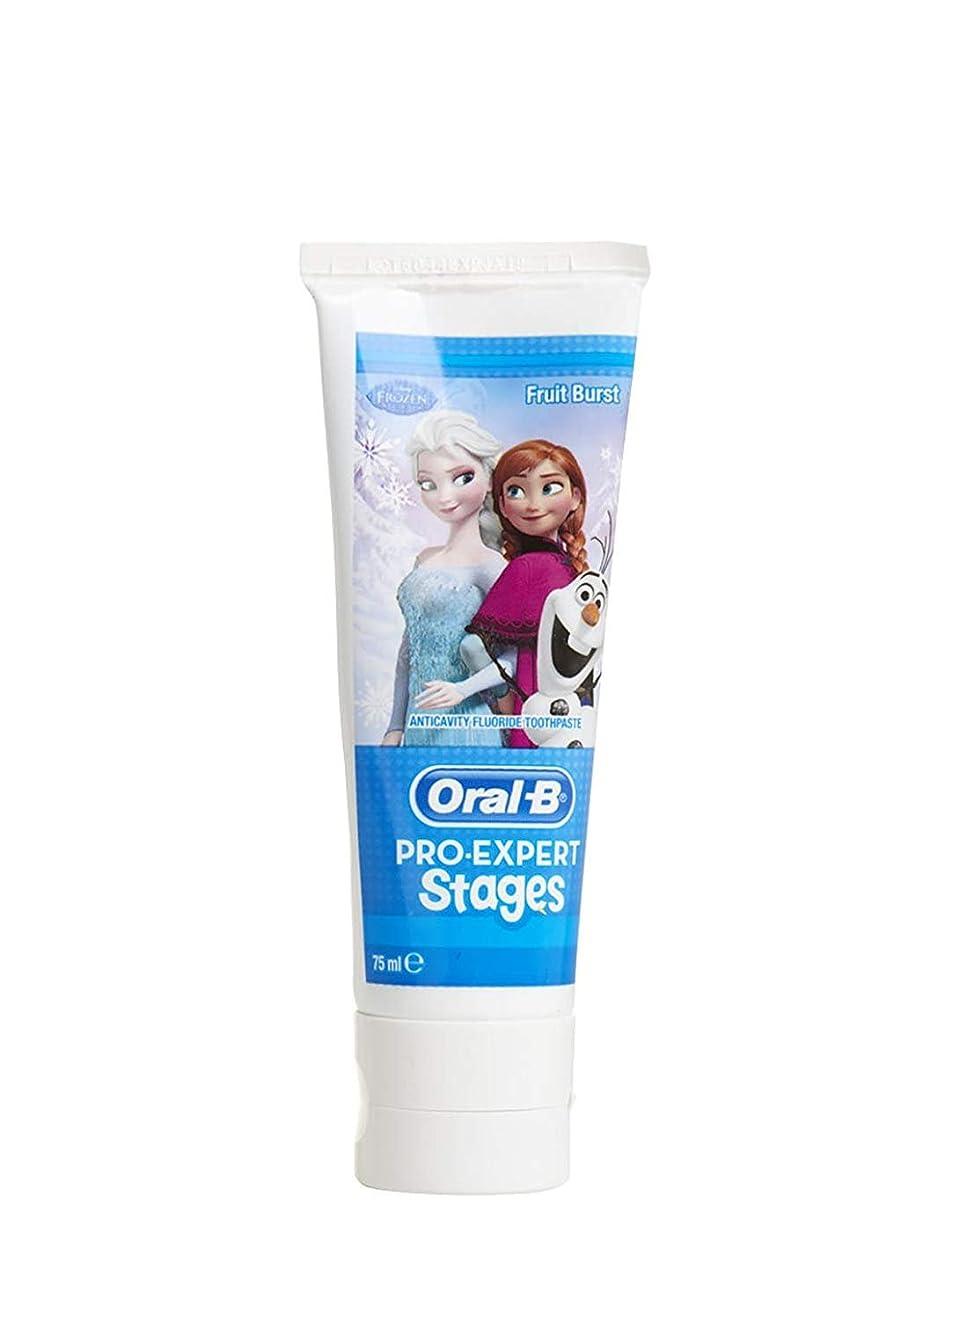 言語比喩大統領オーラルB アナ雪キャラクター 子供用 歯磨き粉 5-7歳対象  並行輸入品 海外発送